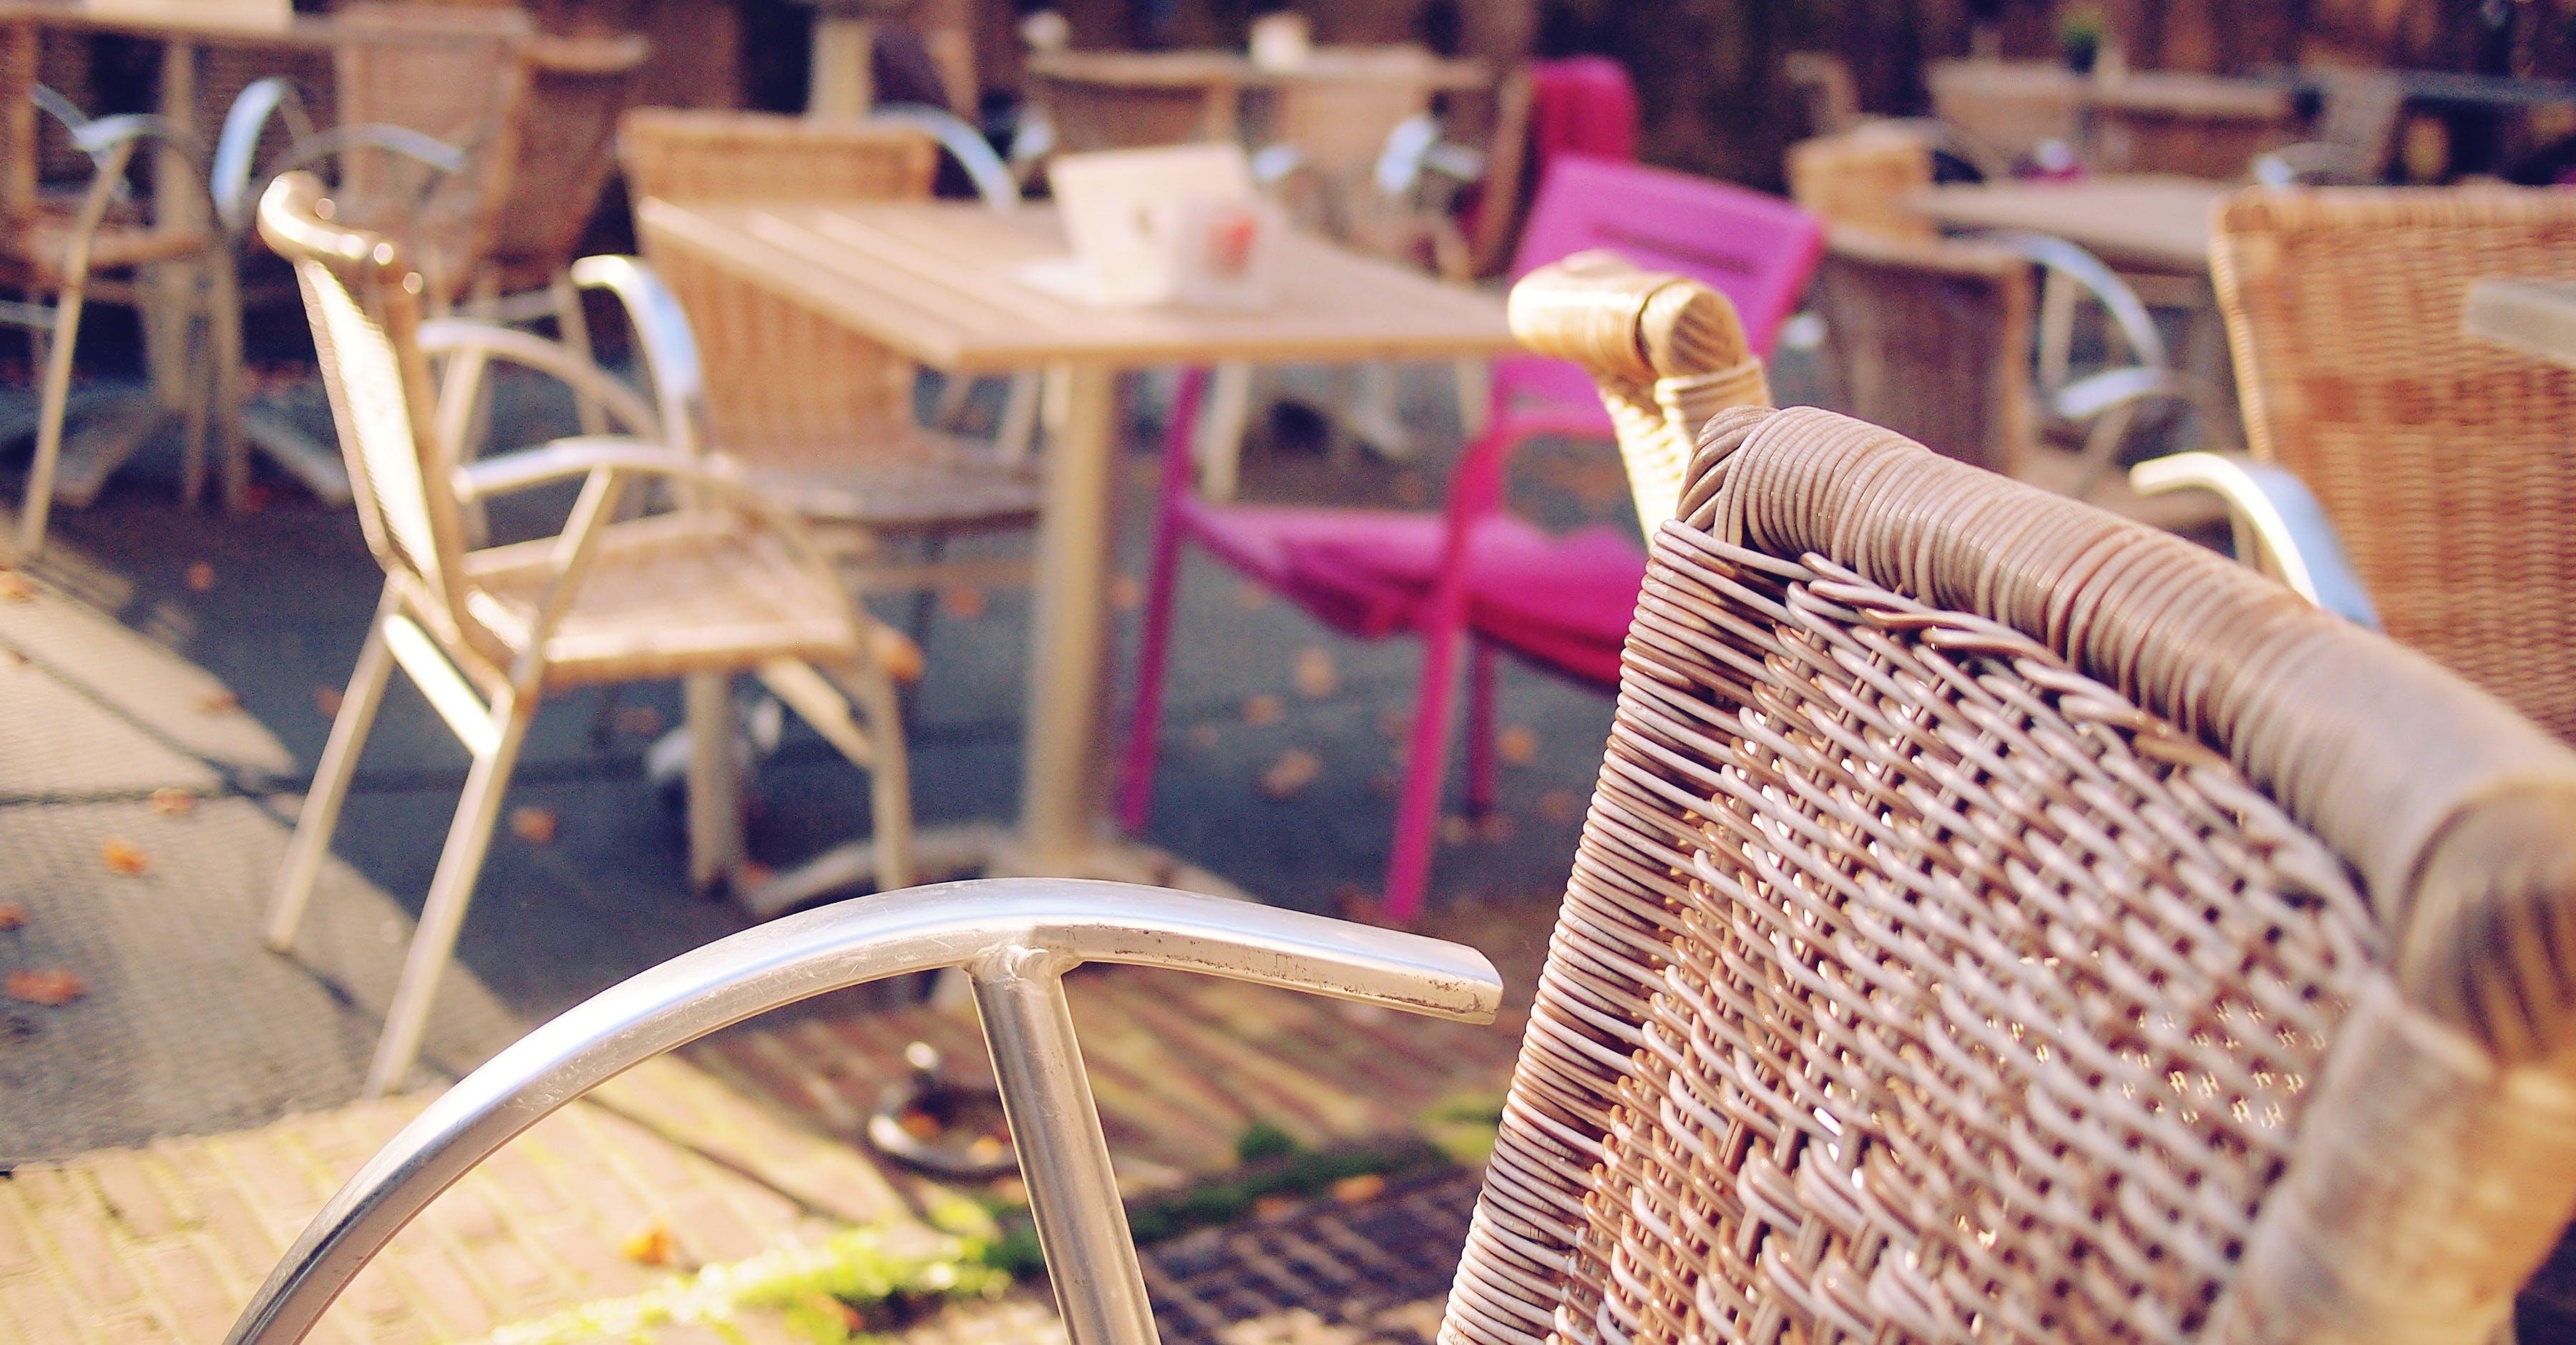 autumn, basket, blur